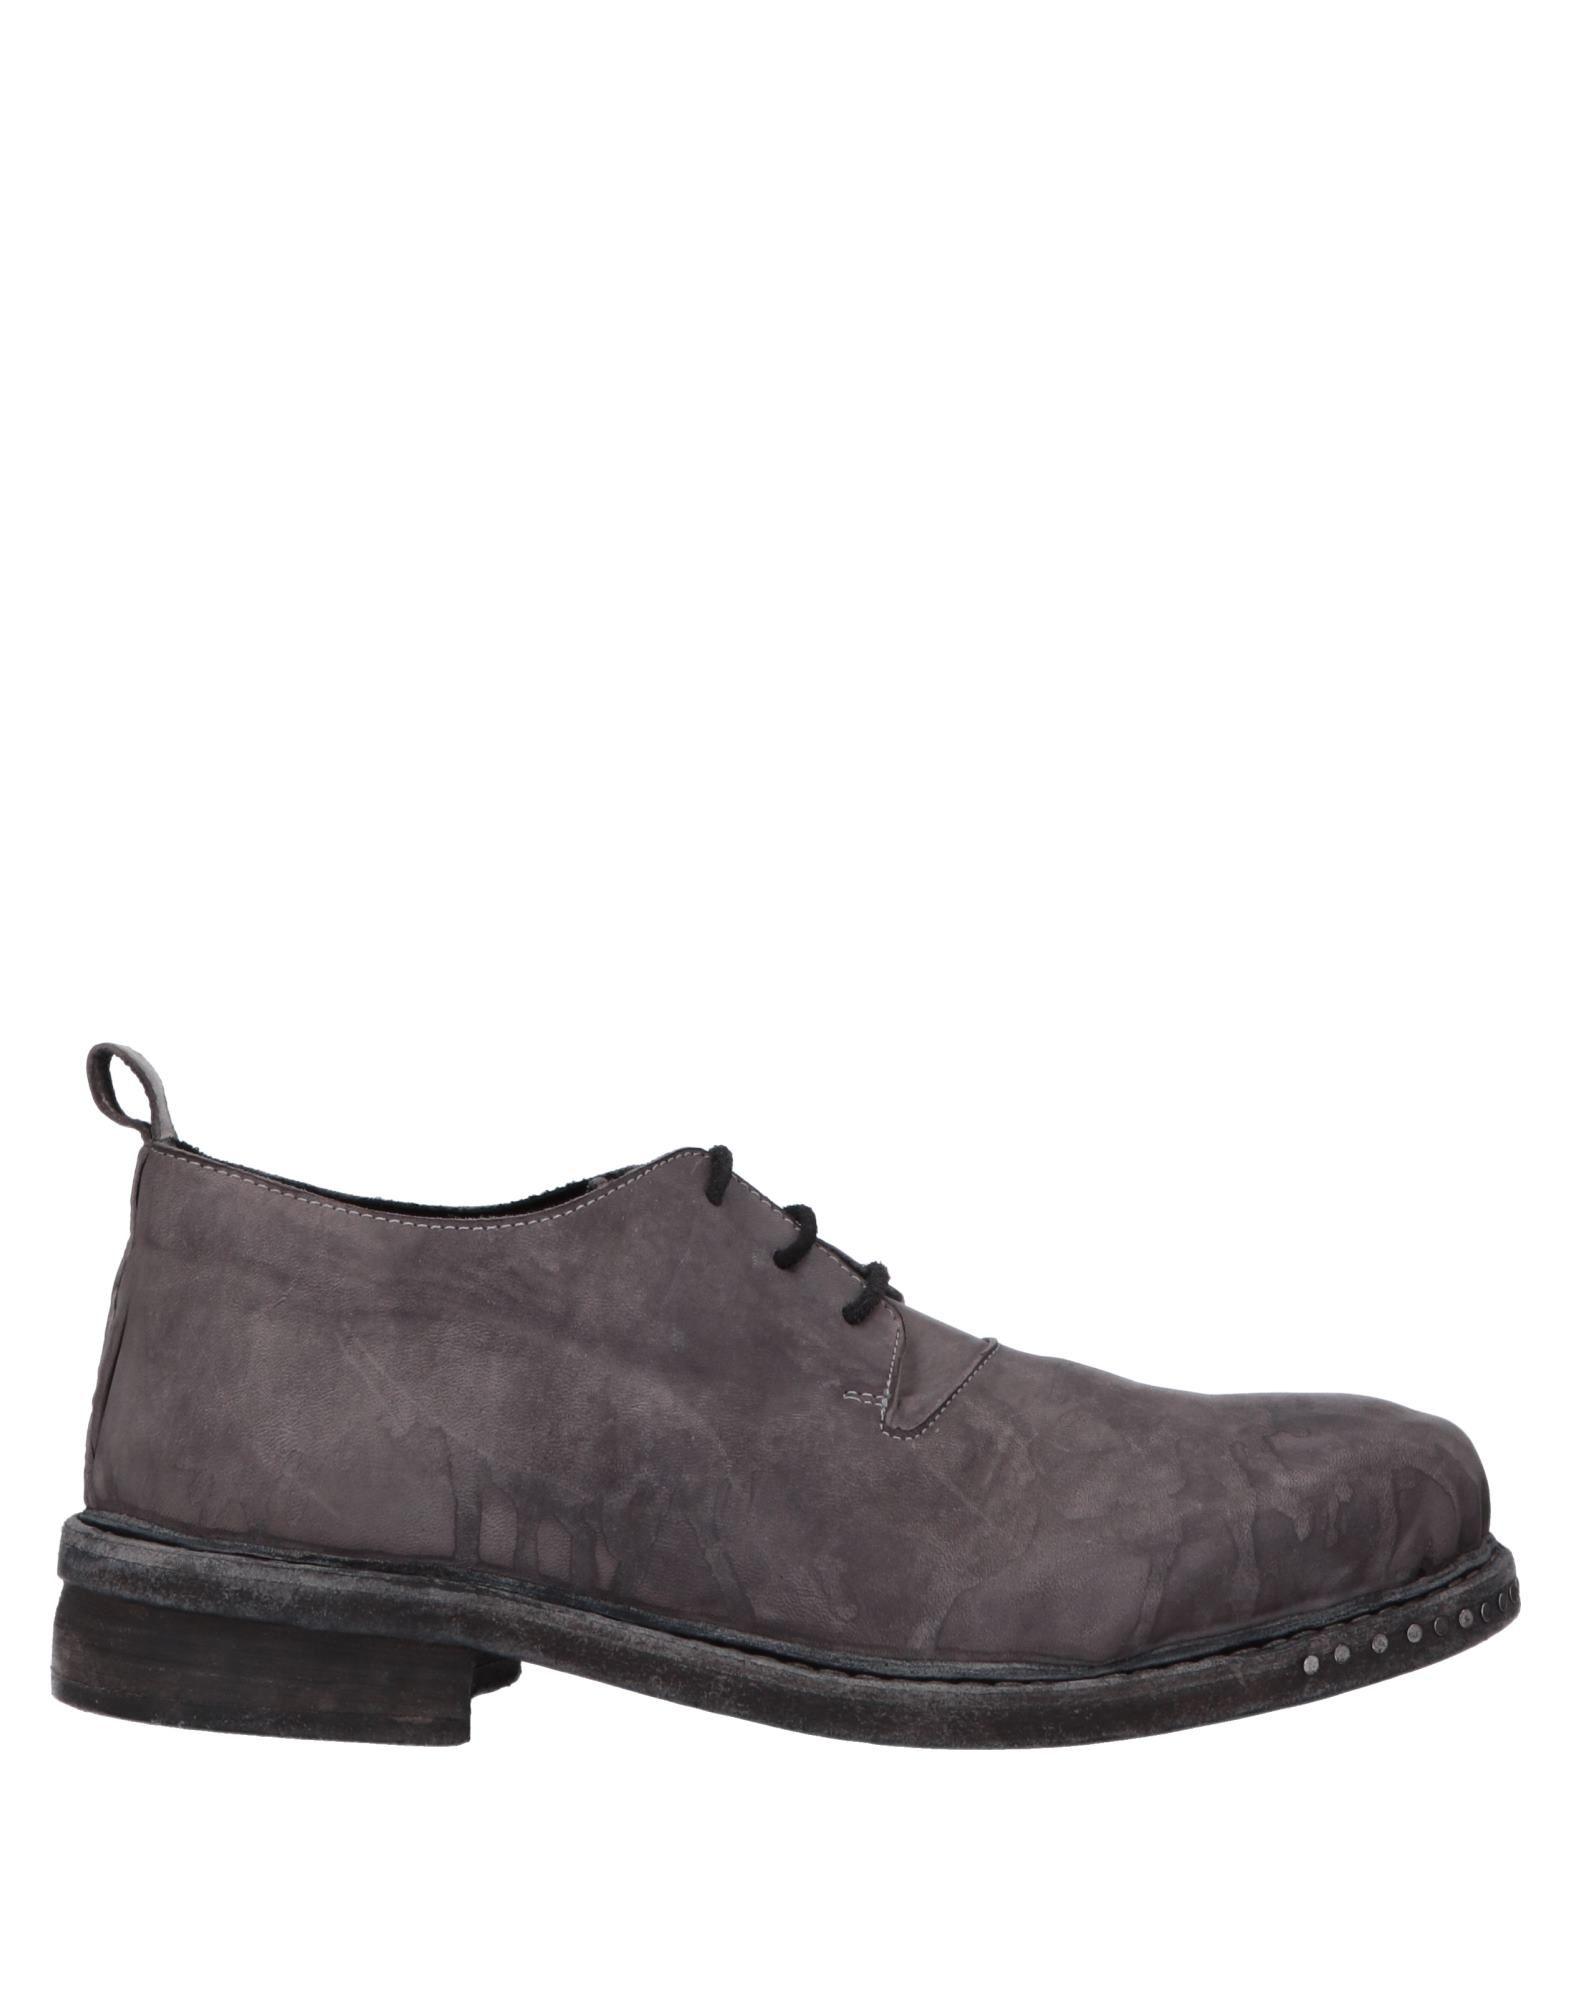 Фото - MASNADA Обувь на шнурках обувь на высокой платформе dkny